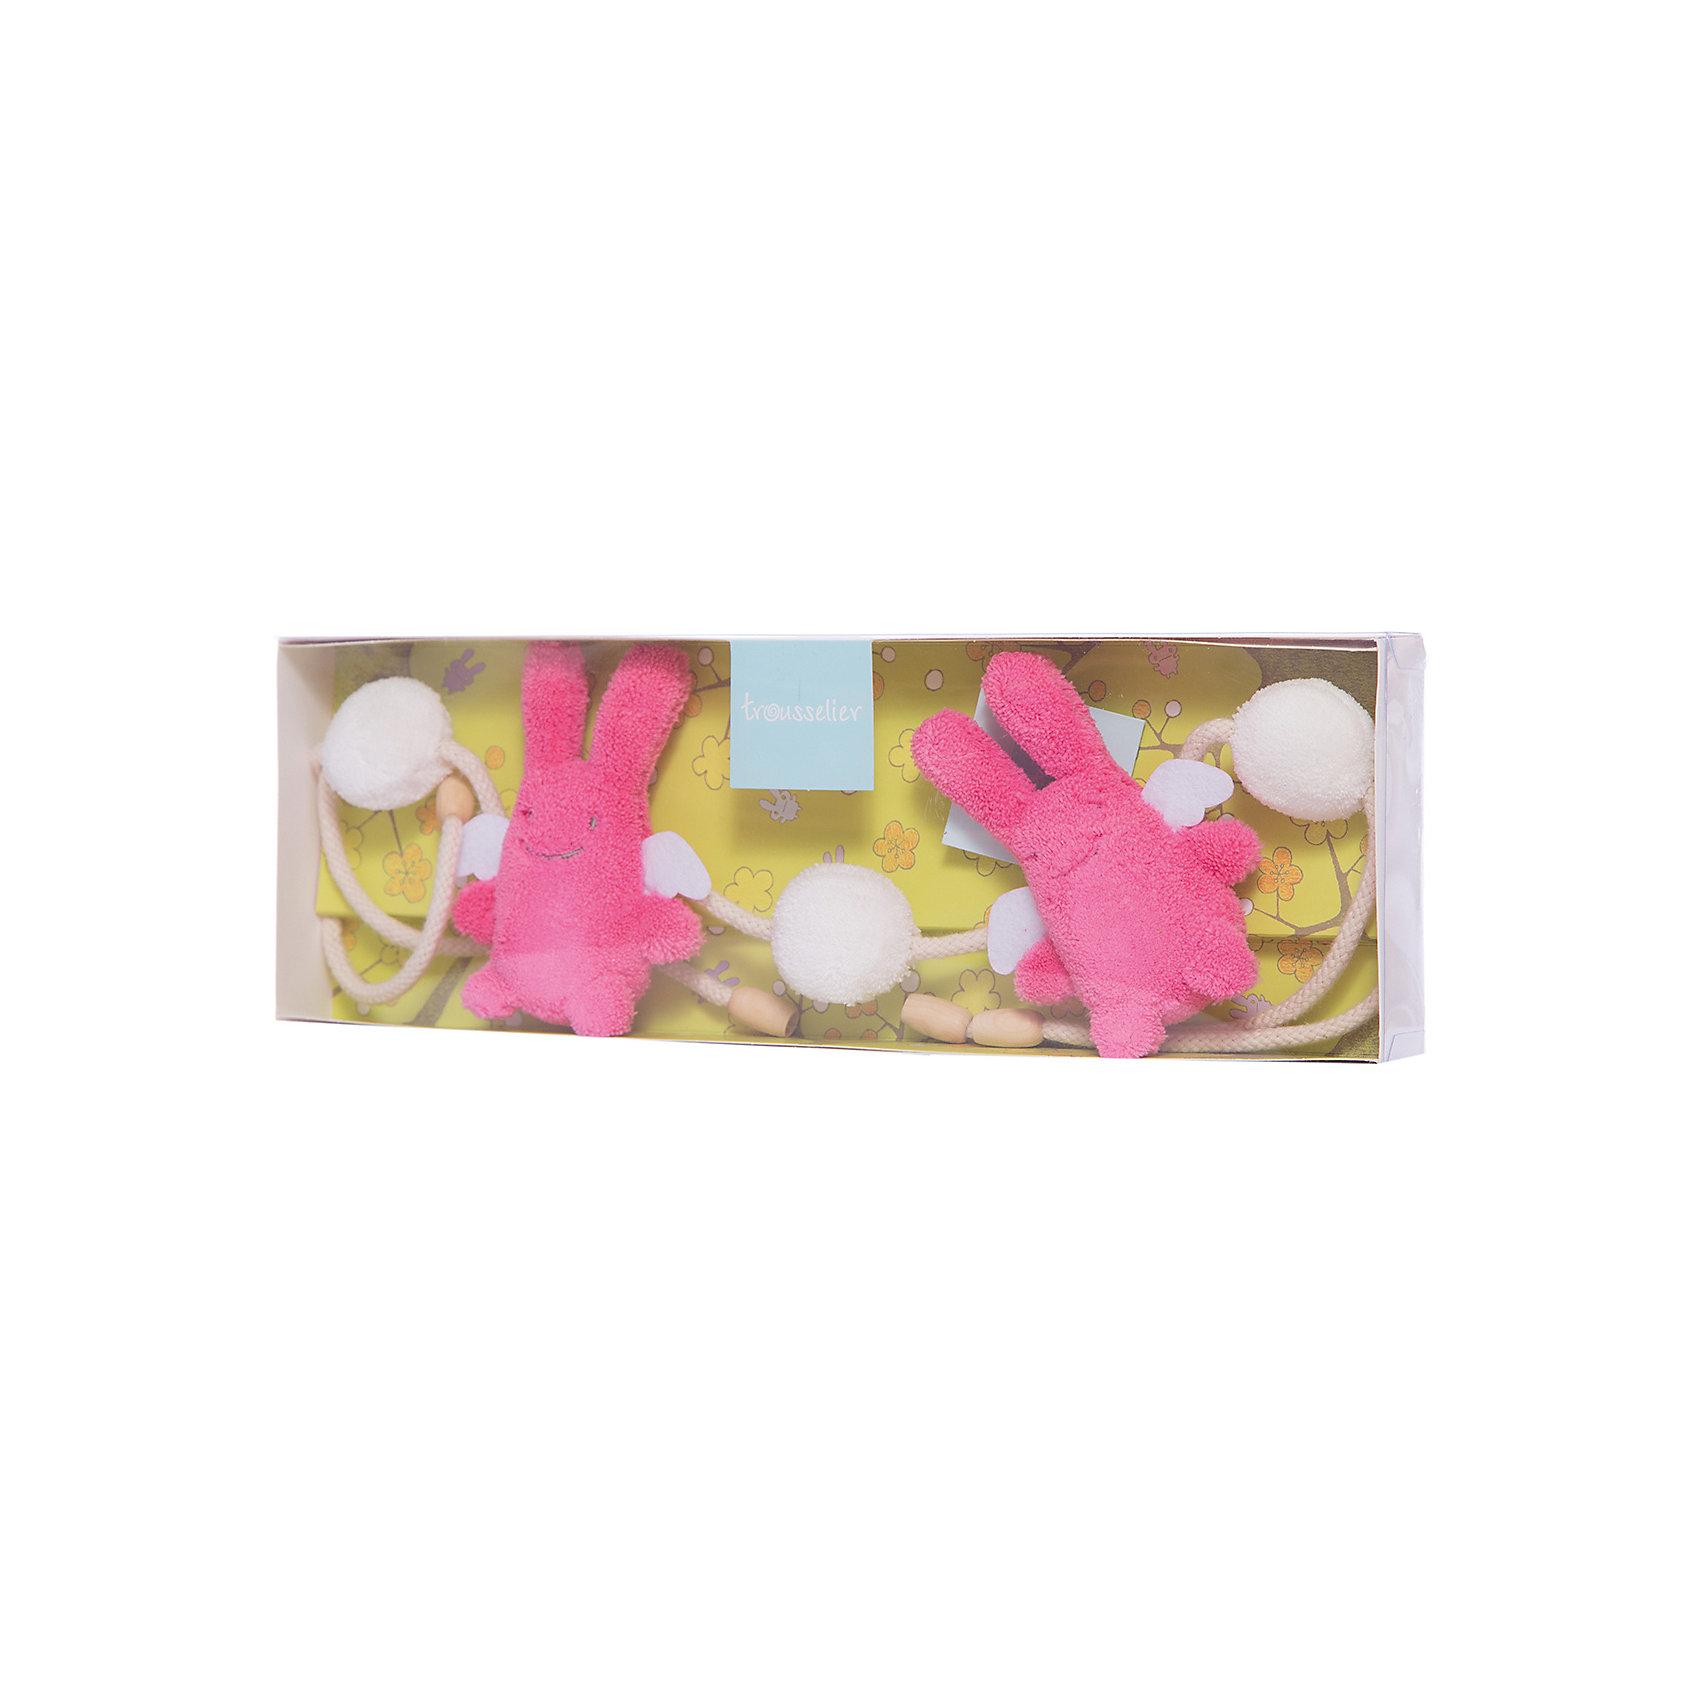 Подвеска для кроватки с погремушкой, цвет фуксии, 86см&#13;, TrousselierПодвески<br>Подвеска для кроватки с погремушкой, цвет фуксии, 86см, Trousselier<br><br>Характеристики:<br><br>• Материал: текстиль, пластик.<br>• Размер ШхГхВ: 36х12х35 см. <br>• Вес: 180г.<br><br>Очаровательная мягкая погремушка-подвеска от известного французского бренда Trousselier в виде двух розовых заек и двух пушистых шариков не оставит равнодушным ни одного малыша. Такая погремушка легко крепится на кроватку или коляску, она не имеет мелких деталей, и ее запросто можно попробовать на вкус. А нежные пастельные тона великолепно вписываются в любой интерьер - игрушки и аксессуары французского бренда придадут определенный шарм детской комнате или гостиной.<br><br>Подвеску для кроватки с погремушкой, цвет фуксии, 86см, Trousselier, можно купить в нашем интернет – магазине.<br><br>Ширина мм: 360<br>Глубина мм: 120<br>Высота мм: 35<br>Вес г: 180<br>Возраст от месяцев: -2147483648<br>Возраст до месяцев: 2147483647<br>Пол: Женский<br>Возраст: Детский<br>SKU: 4964791